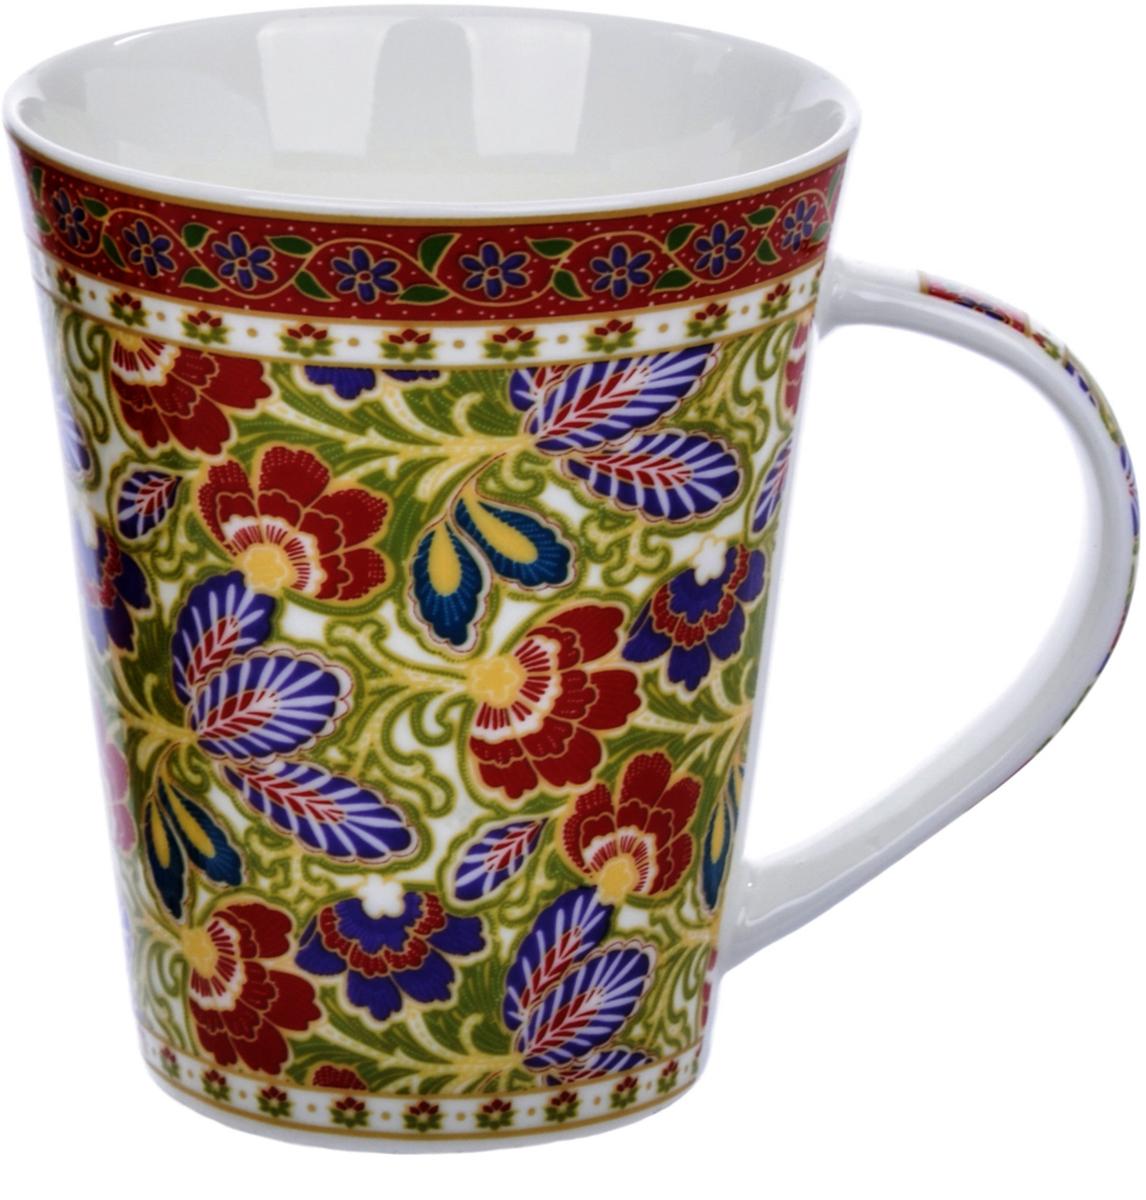 Кружка Liling Quanhu Цветочная фантазия. Дизайн 1, 380 мл кружка liling quanhu медведи на даче дизайн 1 380 мл